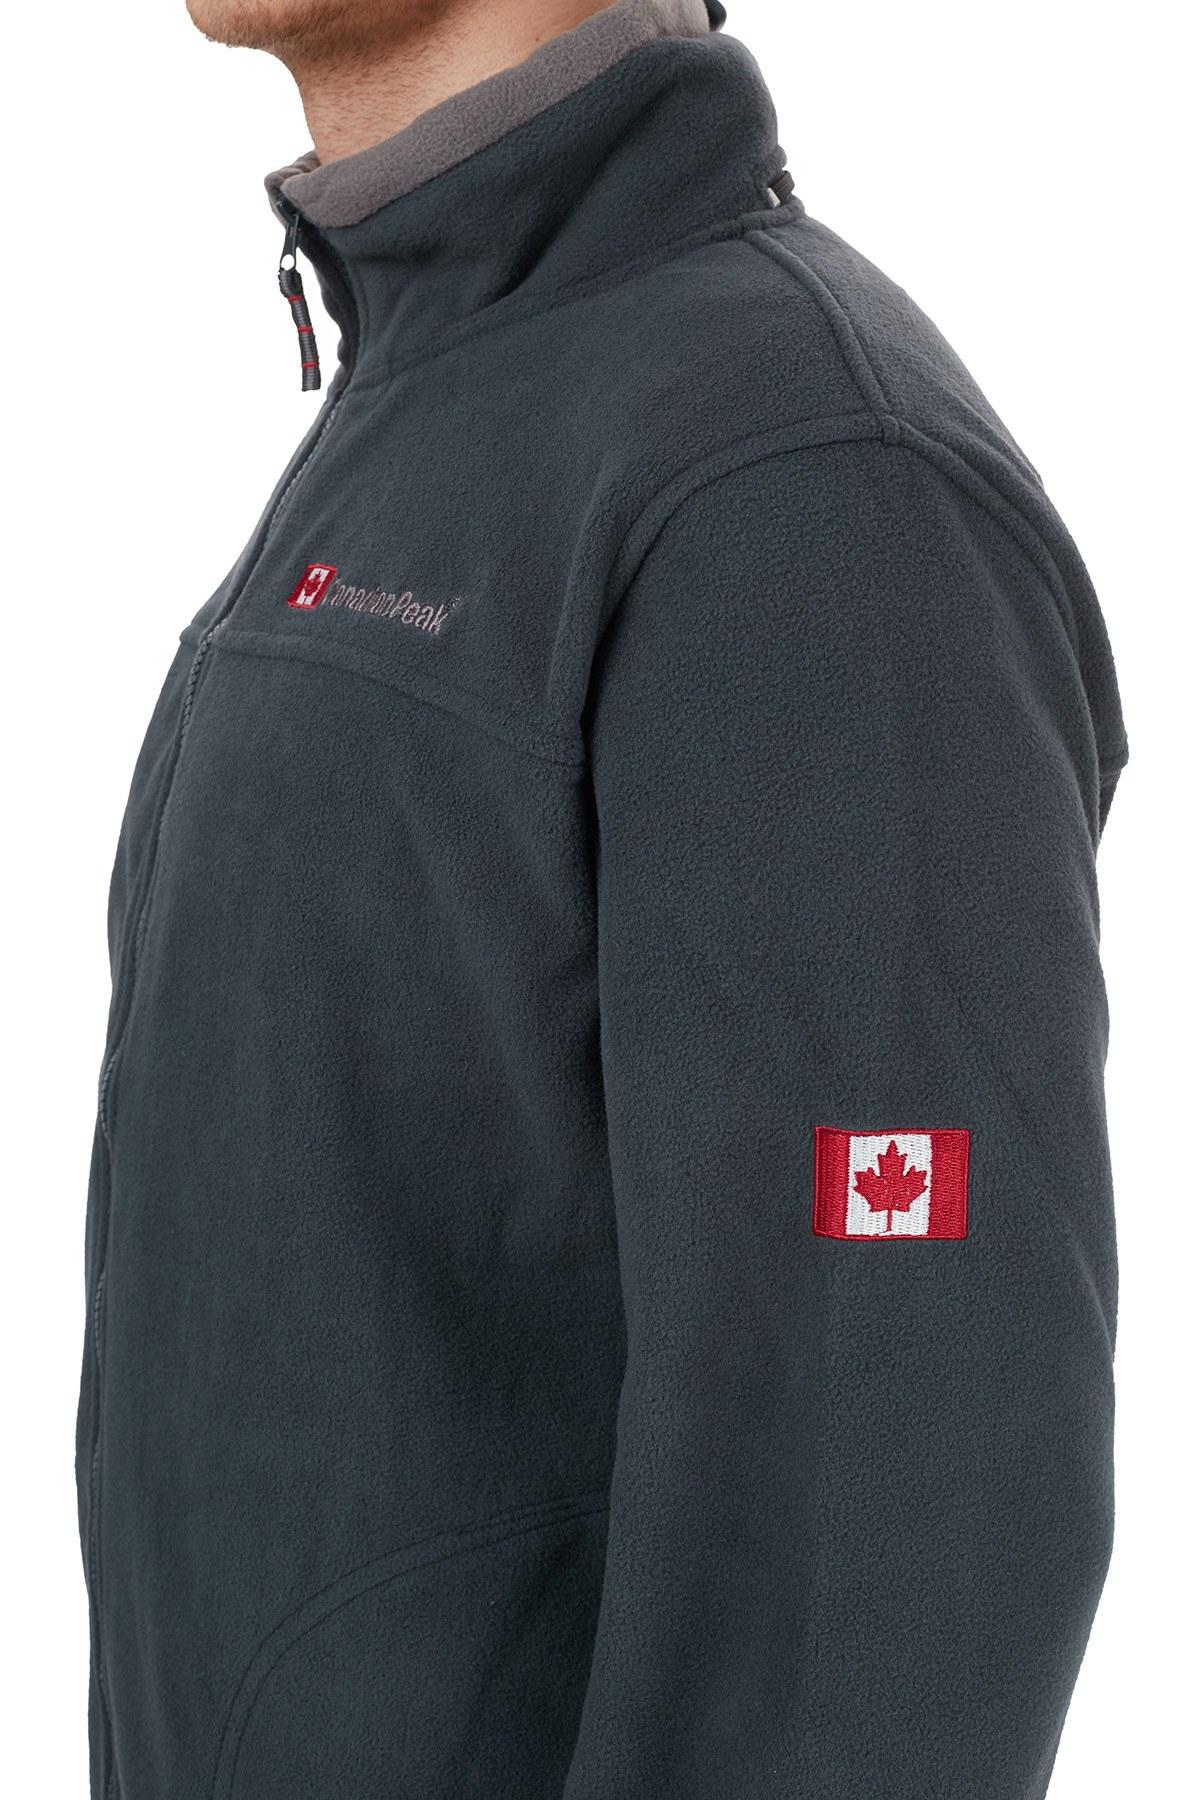 Canadian Peak Yumuşak Dokulu Outdoor Erkek Polar ULTONA LACİVERT